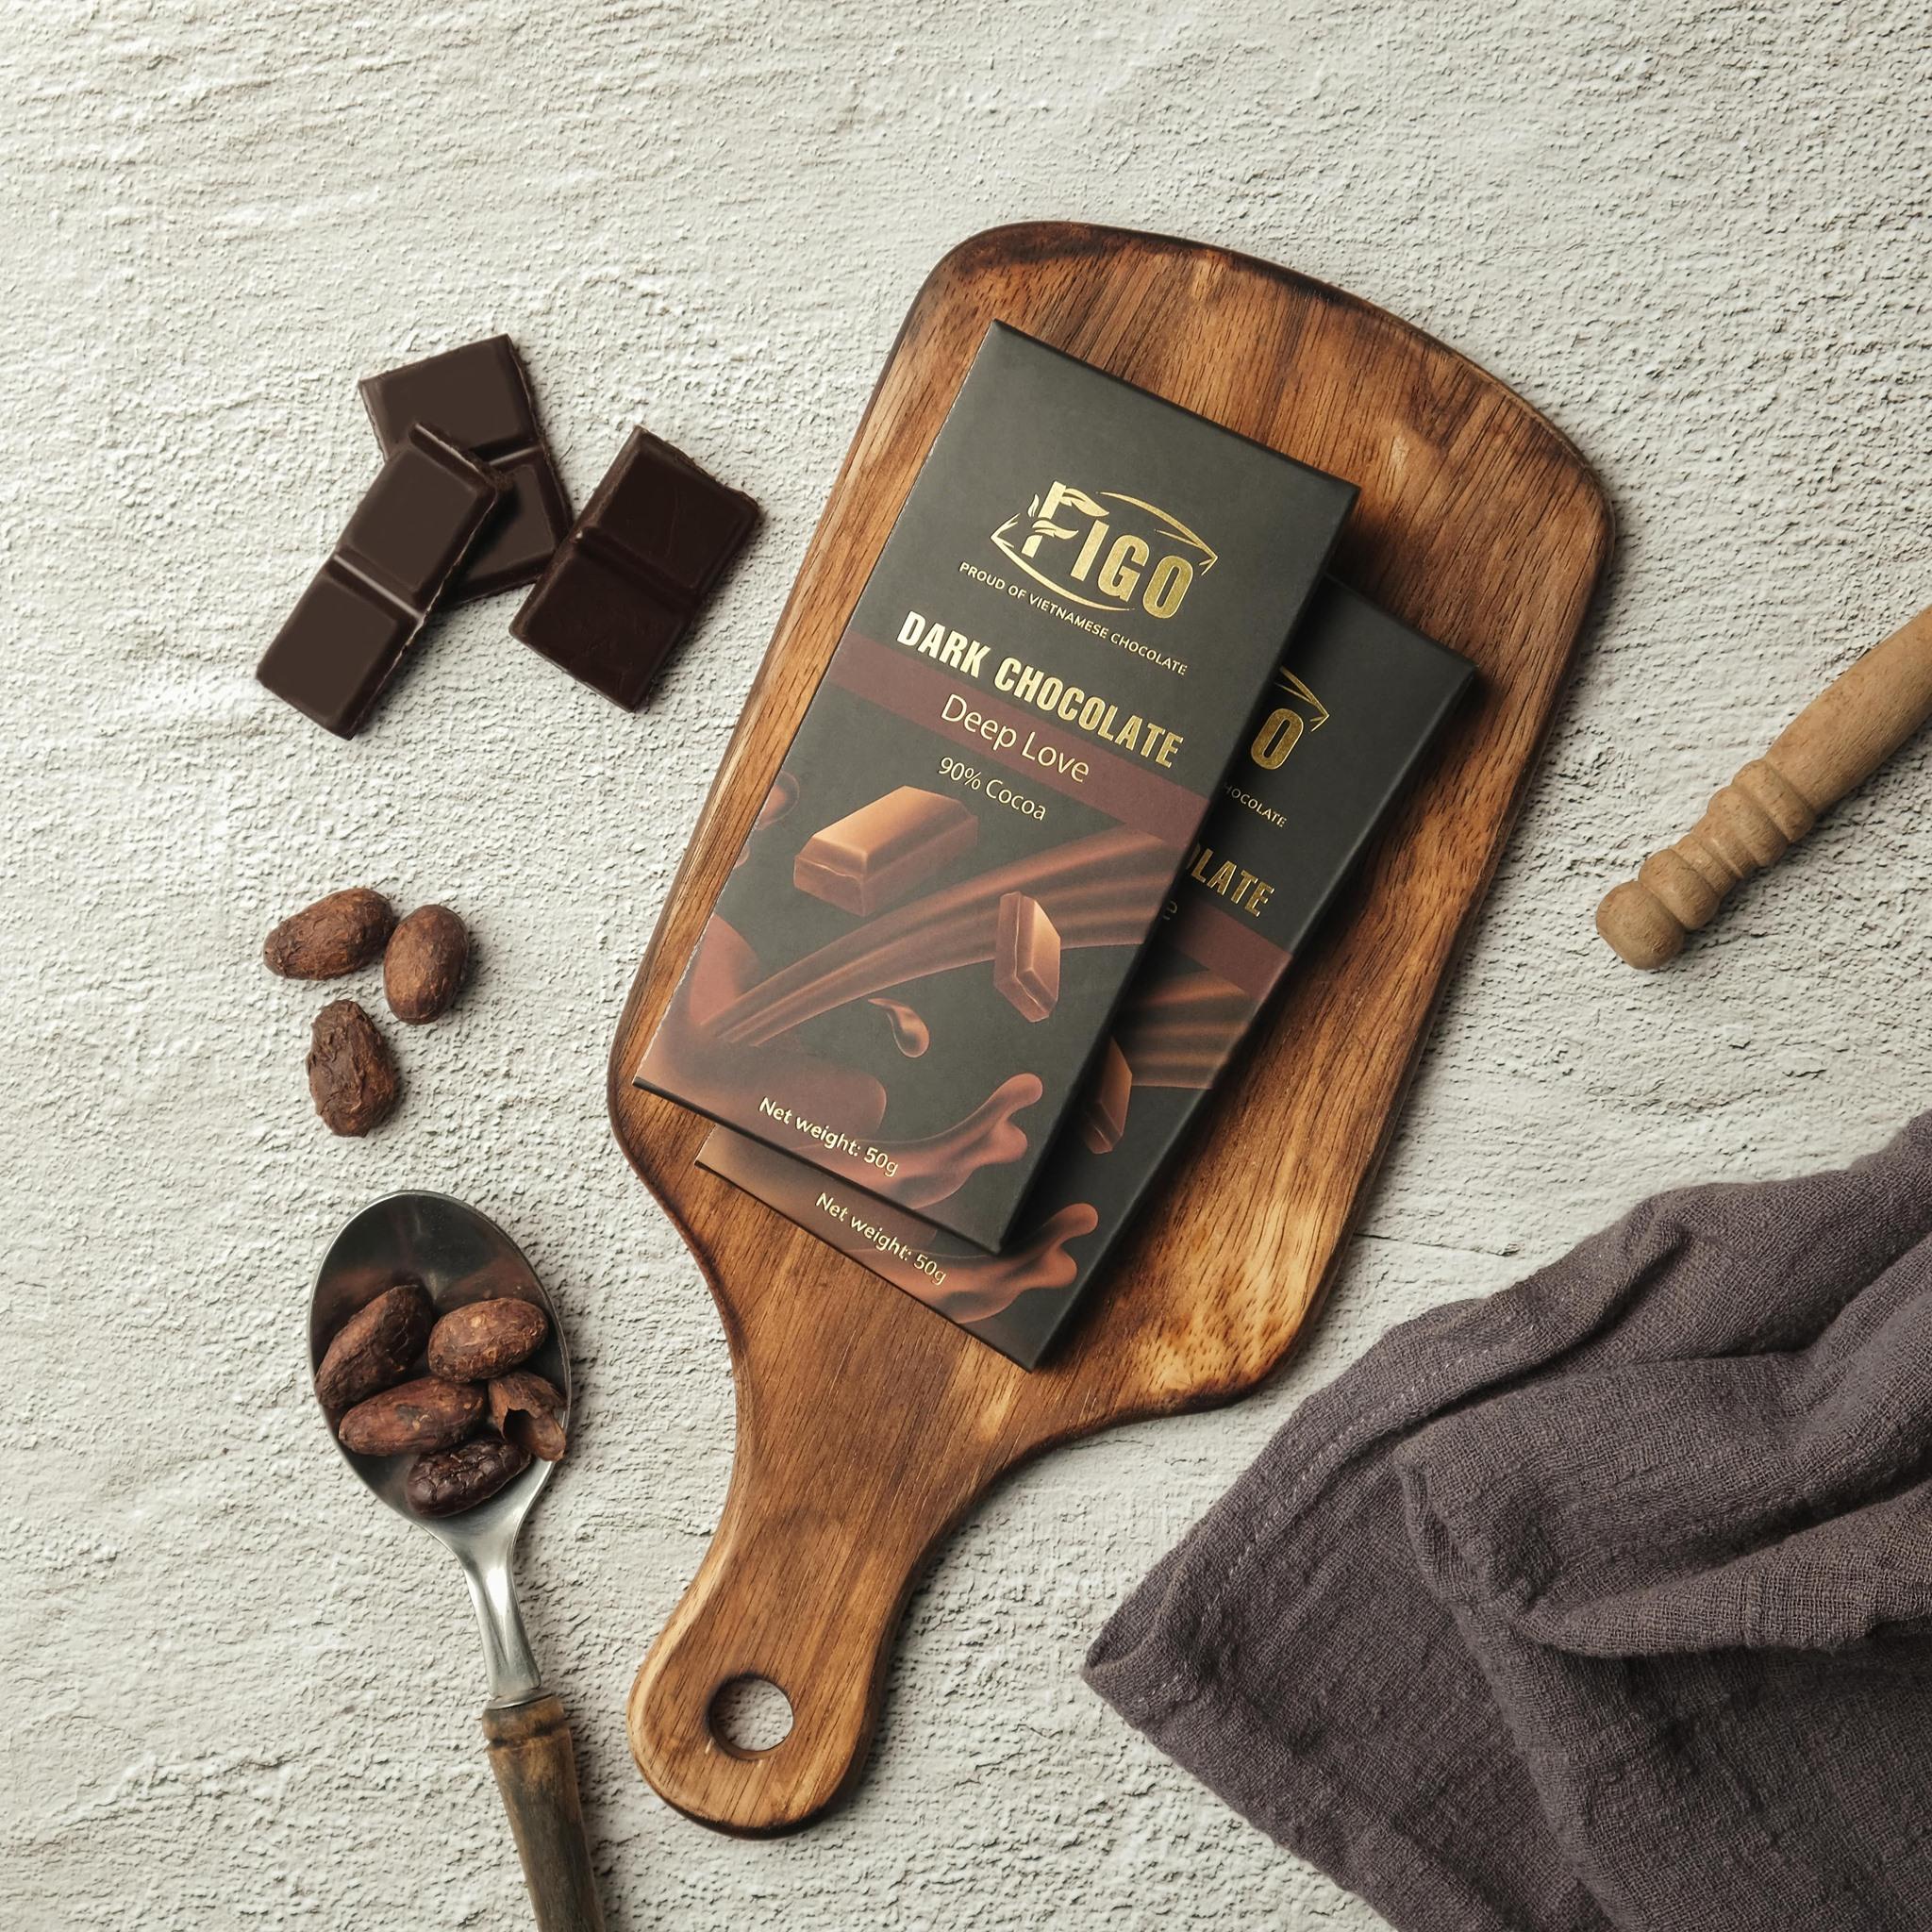 [ TRỢ GIÁ DÙNG THỬ ] Dark Chocolate 90% cacao ít đường 50g, giảm cân, dành cho khách hàng có chế độ keto, das Figo - Dòng Deep Love